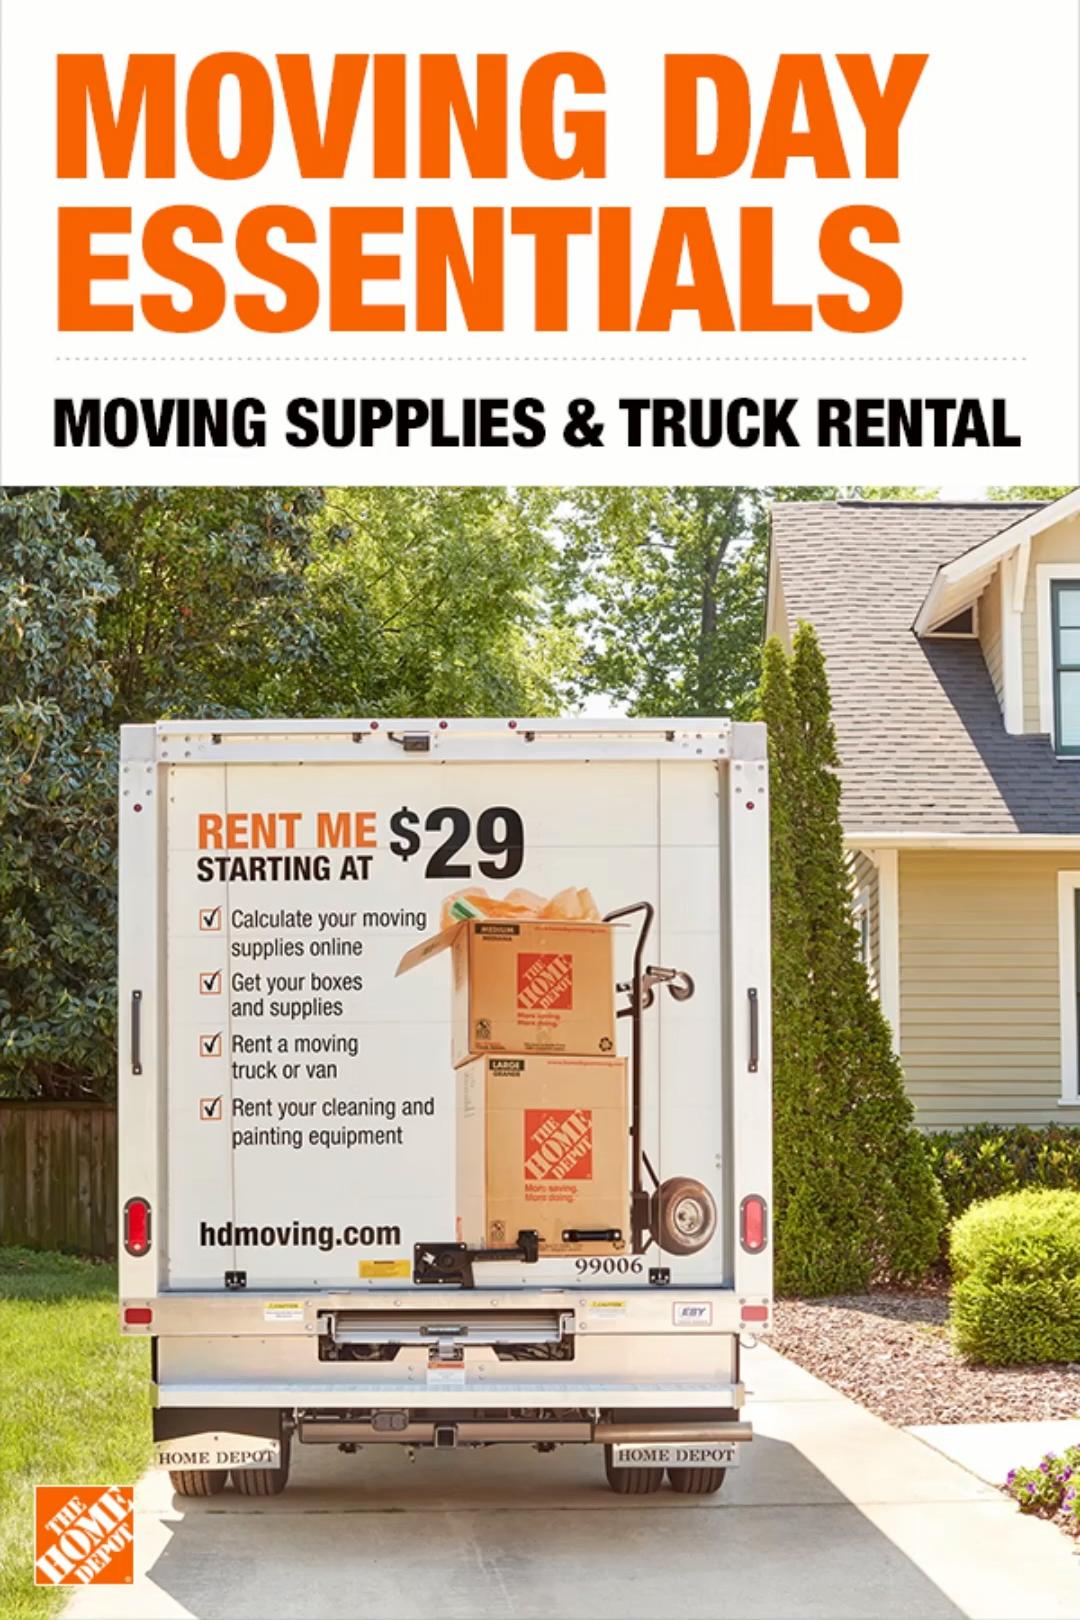 Home Depot Box Truck Rental : depot, truck, rental, Moving, Packing, Supplies, [Video], Supplies,, Packing,